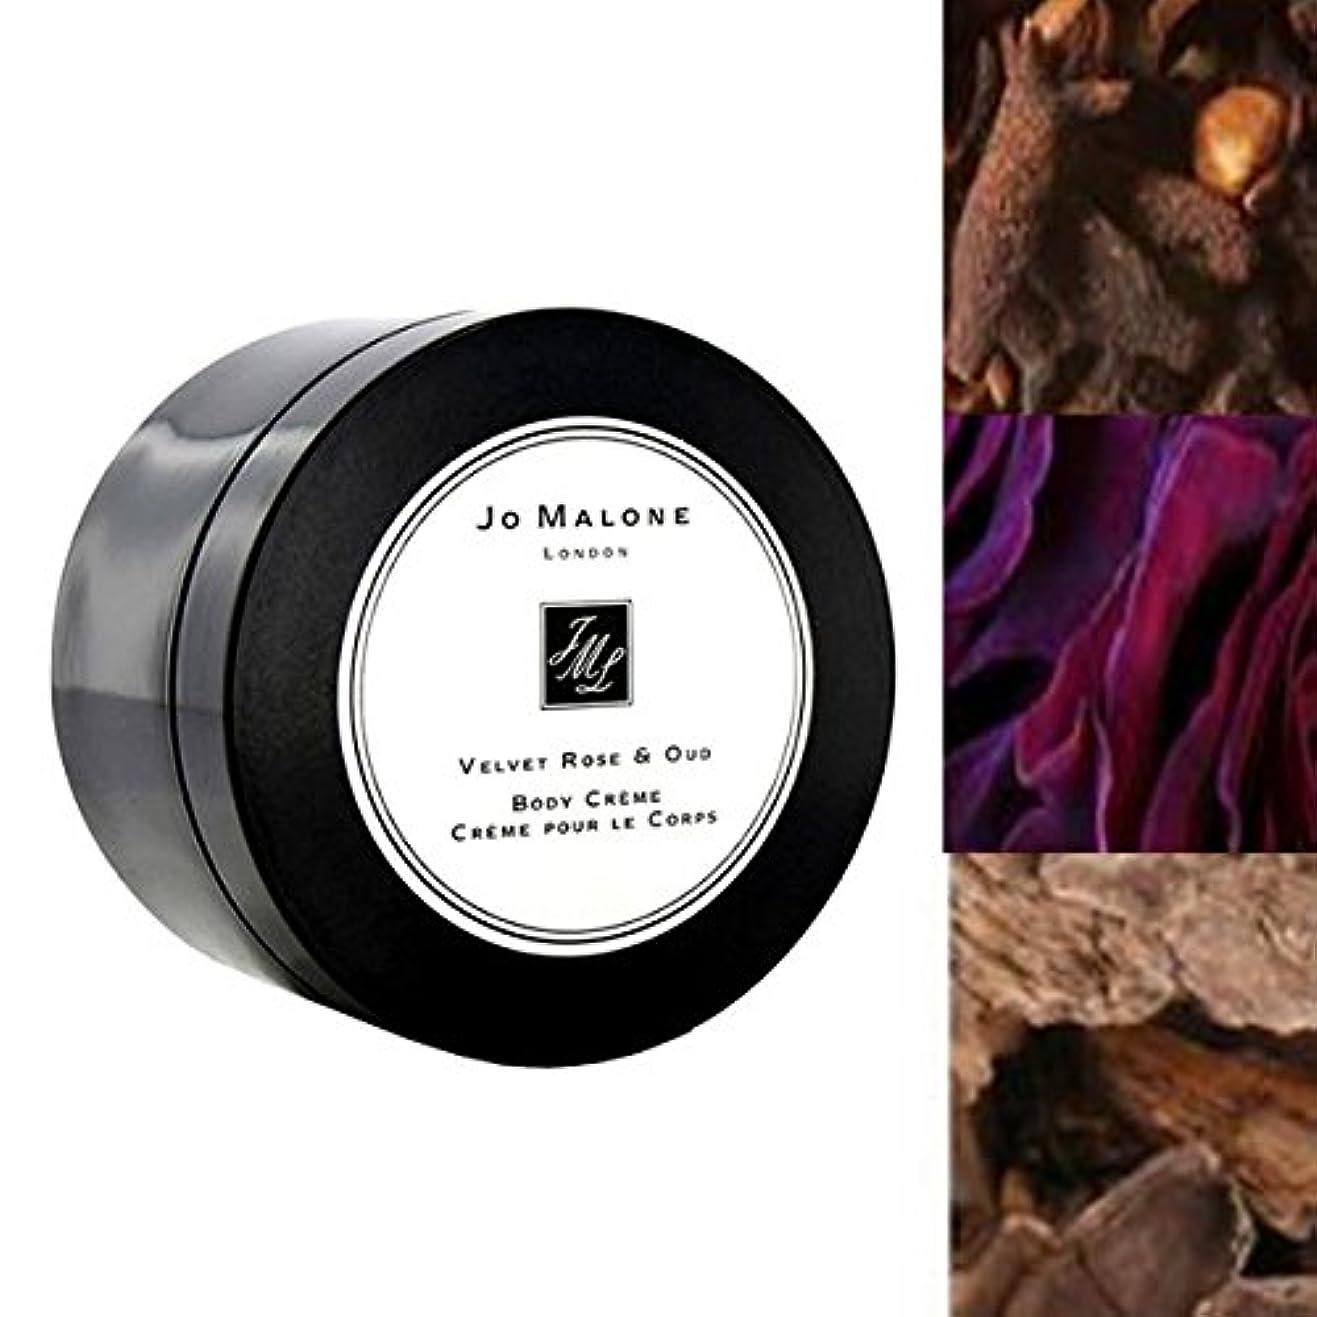 偏心真実に無視できるJo Malone London ジョーマローン, Velvet Rose & Oud Body Crème (5.9 oz.)[海外直送品] [並行輸入品]